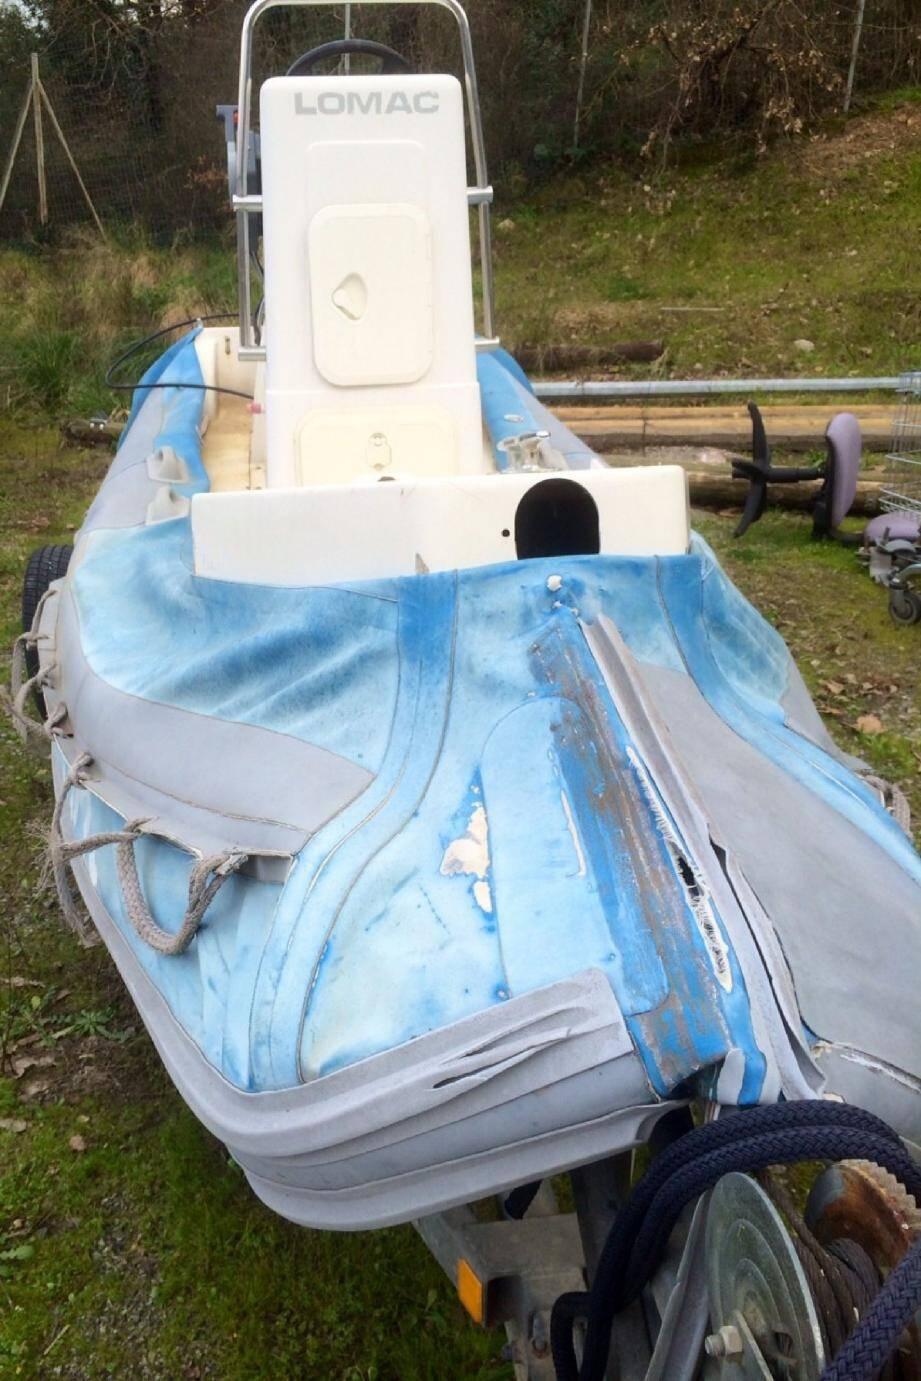 Les objets de la bisbille : ce bateau et sa remorque. « J'ai donné instruction de les emmener à la casse » , annonce le maire, qui prévoyait au départ de les donner à deux fonctionnaires. (DR)